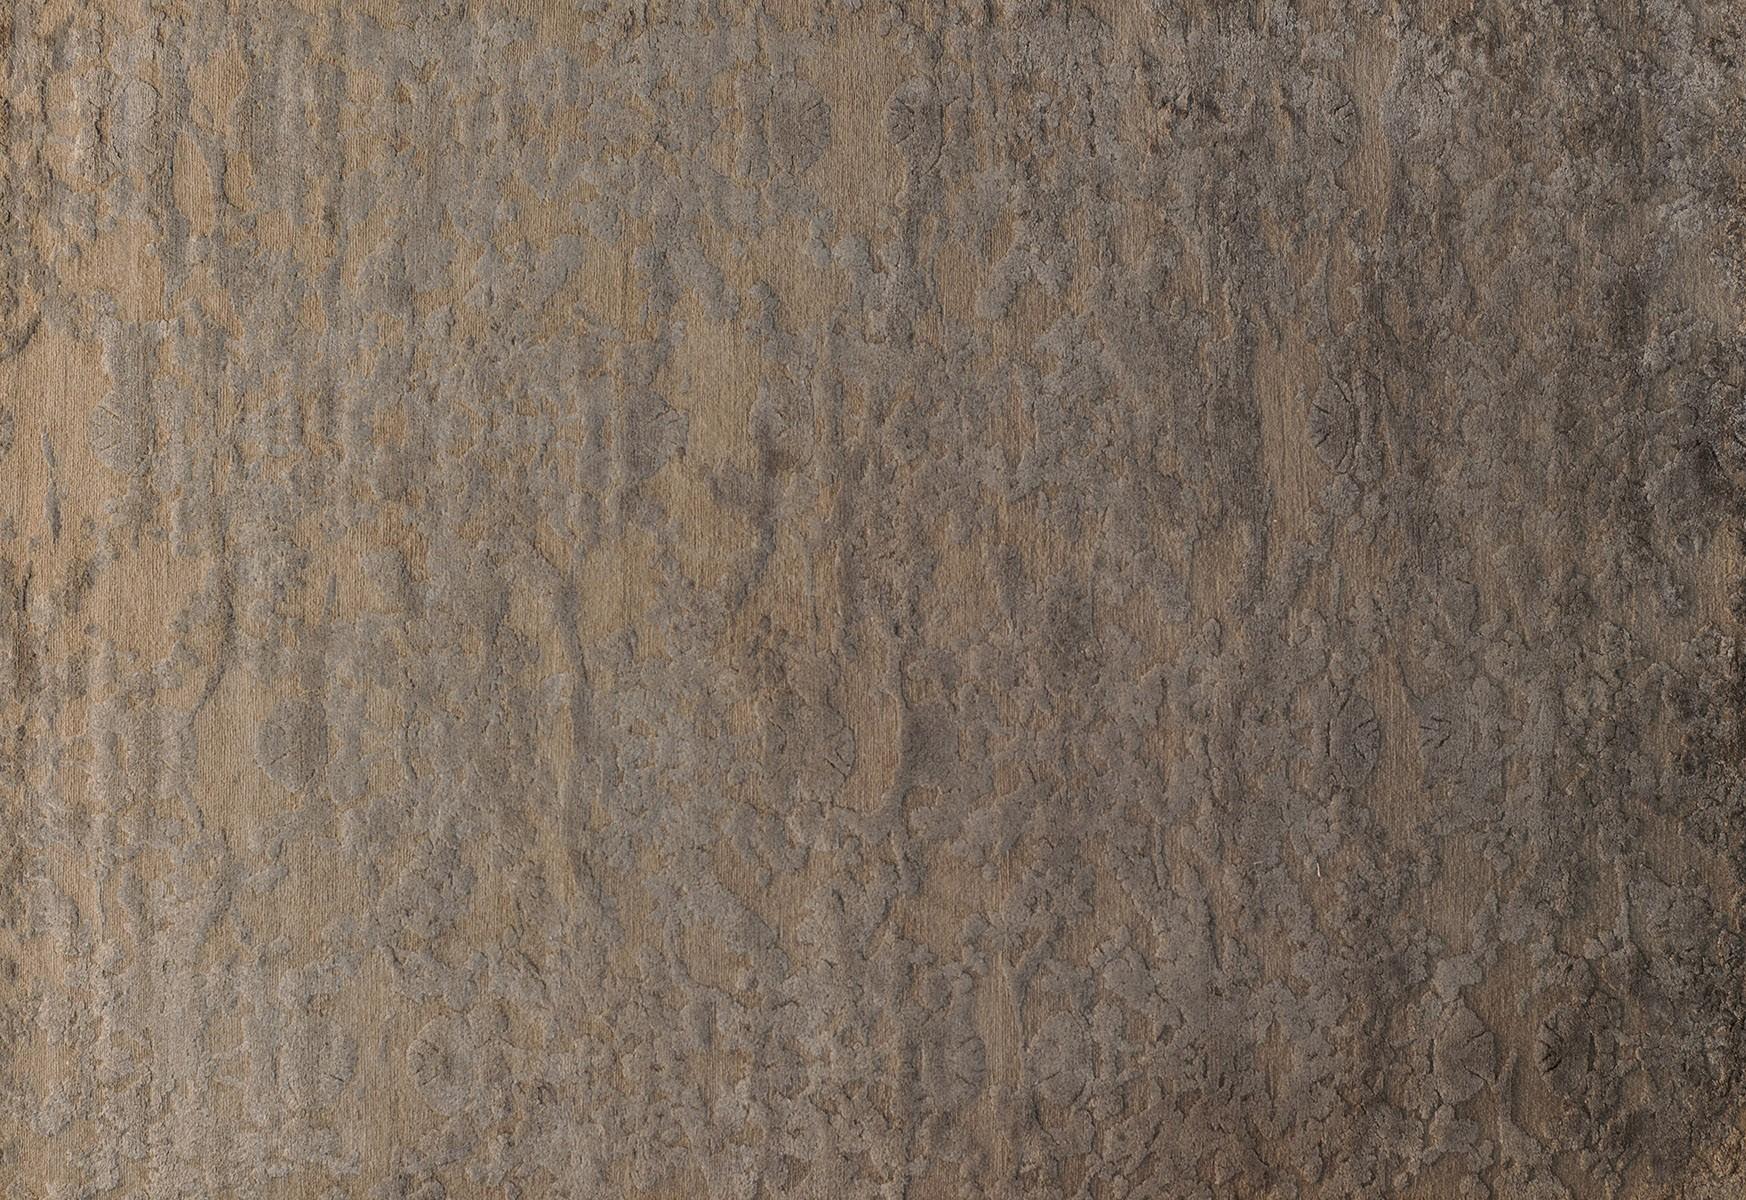 Tapis versailles relief de toulemonde bochart 2 tailles - Tapis toulemonde bochart soldes ...